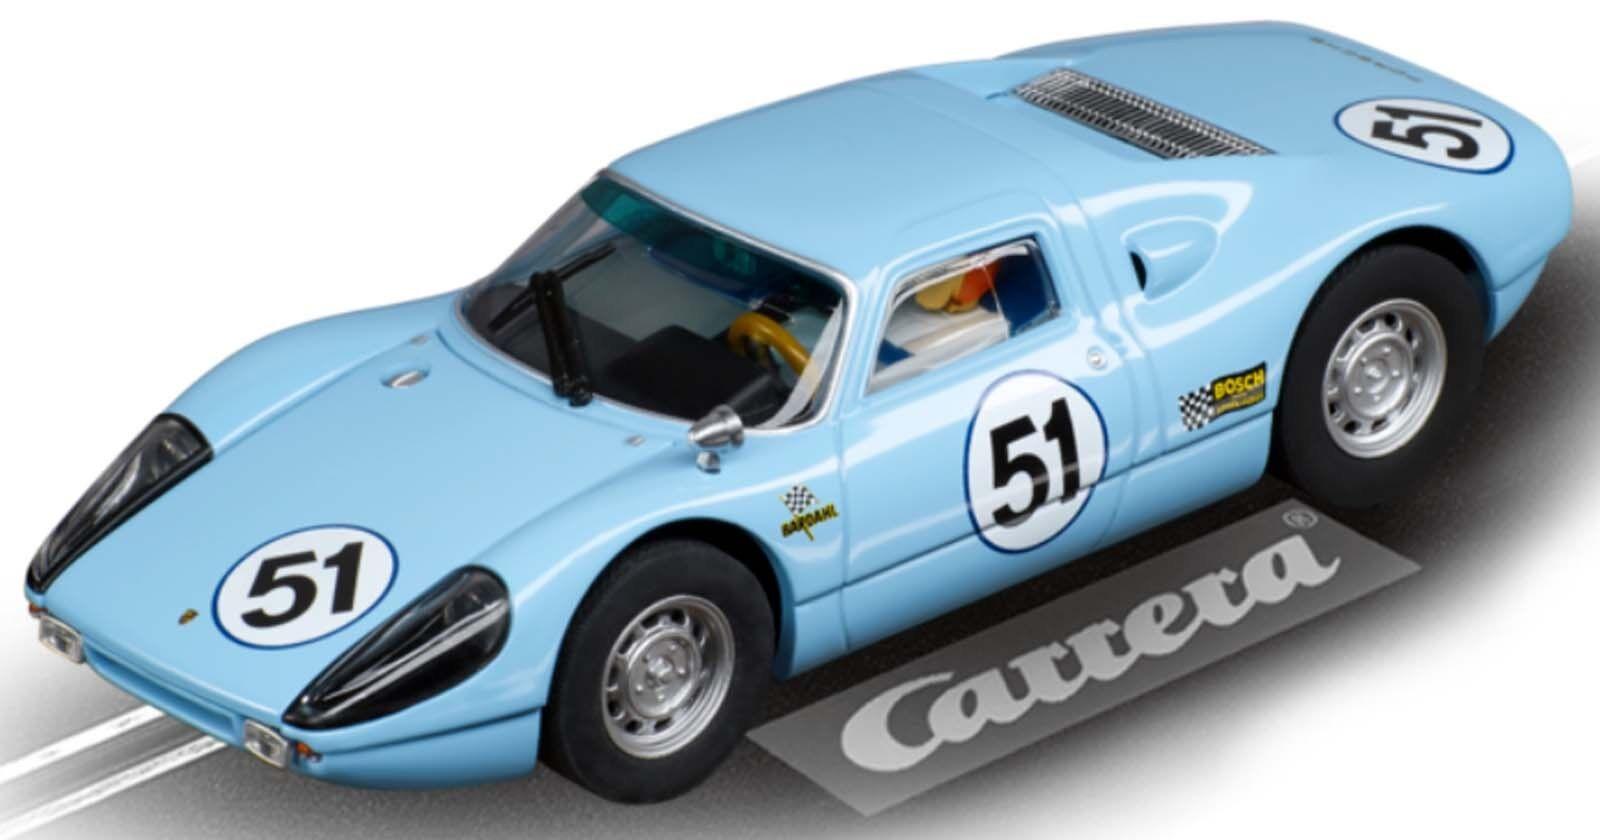 Carrera 20027459 20027459 20027459 EVOLUTION Porsche 904 Carrera GTS  No.51  1 32 NEU OVP  | Neuer Stil  7d135a